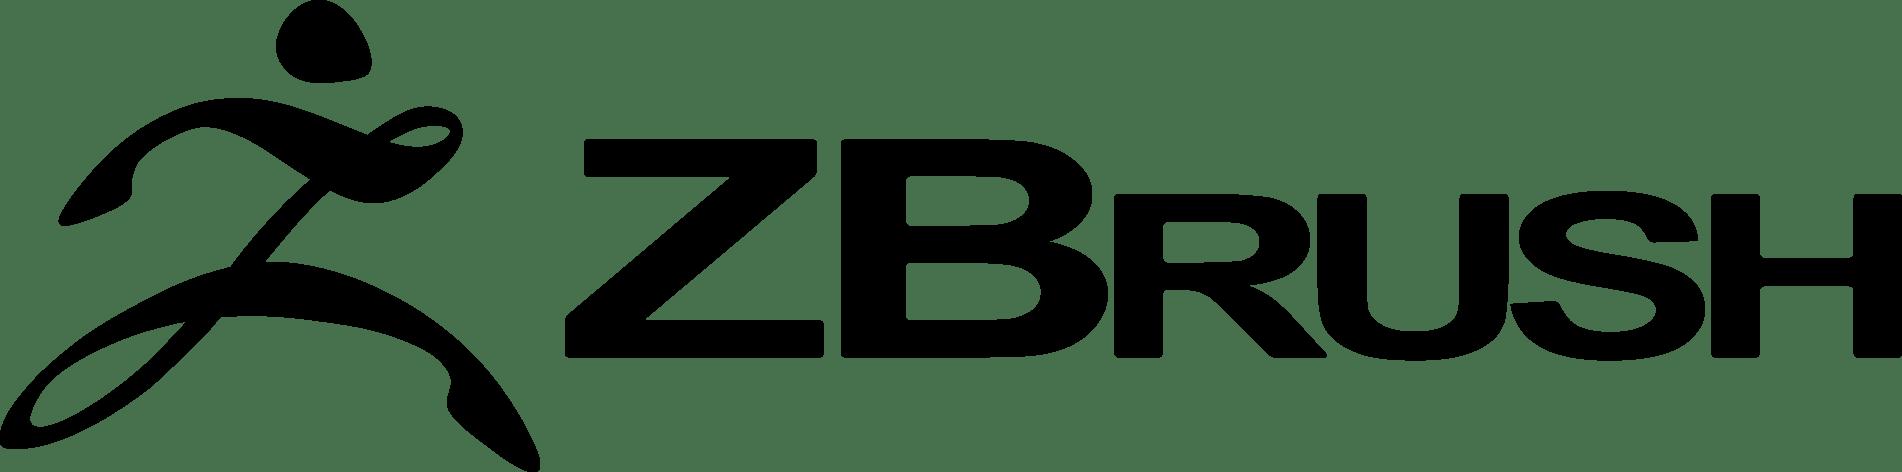 Zbrush Logo Large